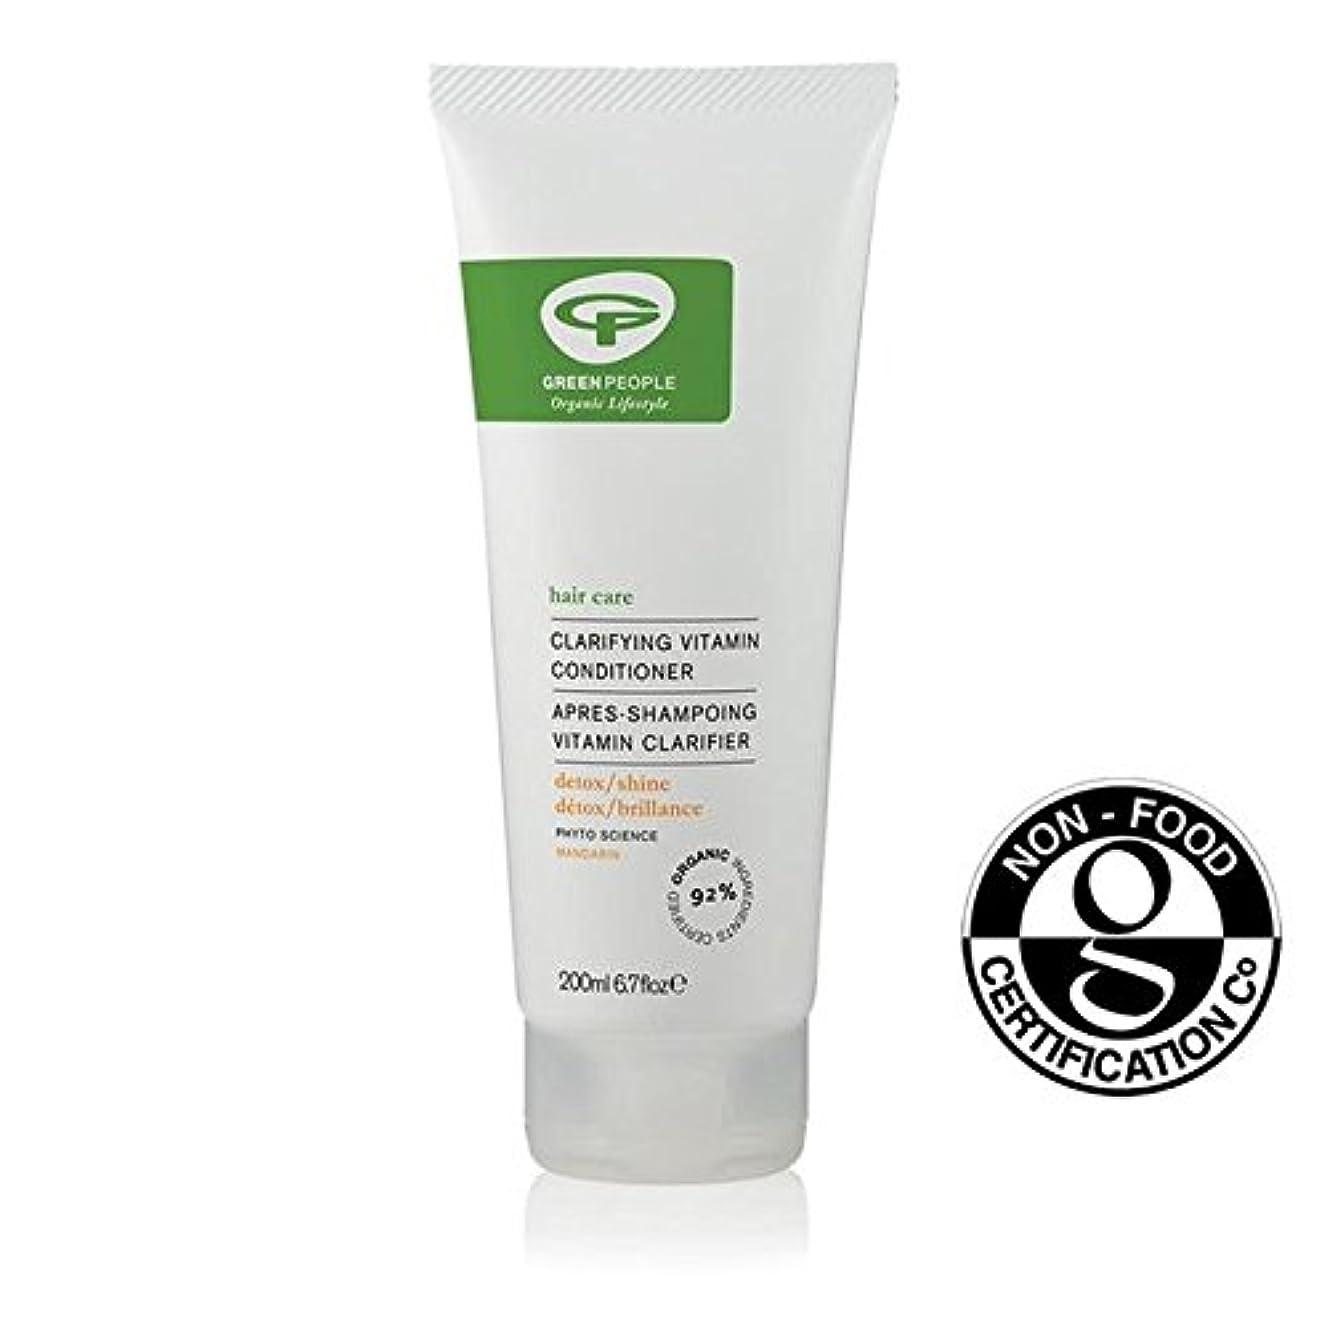 遠い遺跡商人緑の人々の有機明確ビタミンコンディショナー200 x4 - Green People Organic Clarifying Vitamin Conditioner 200ml (Pack of 4) [並行輸入品]